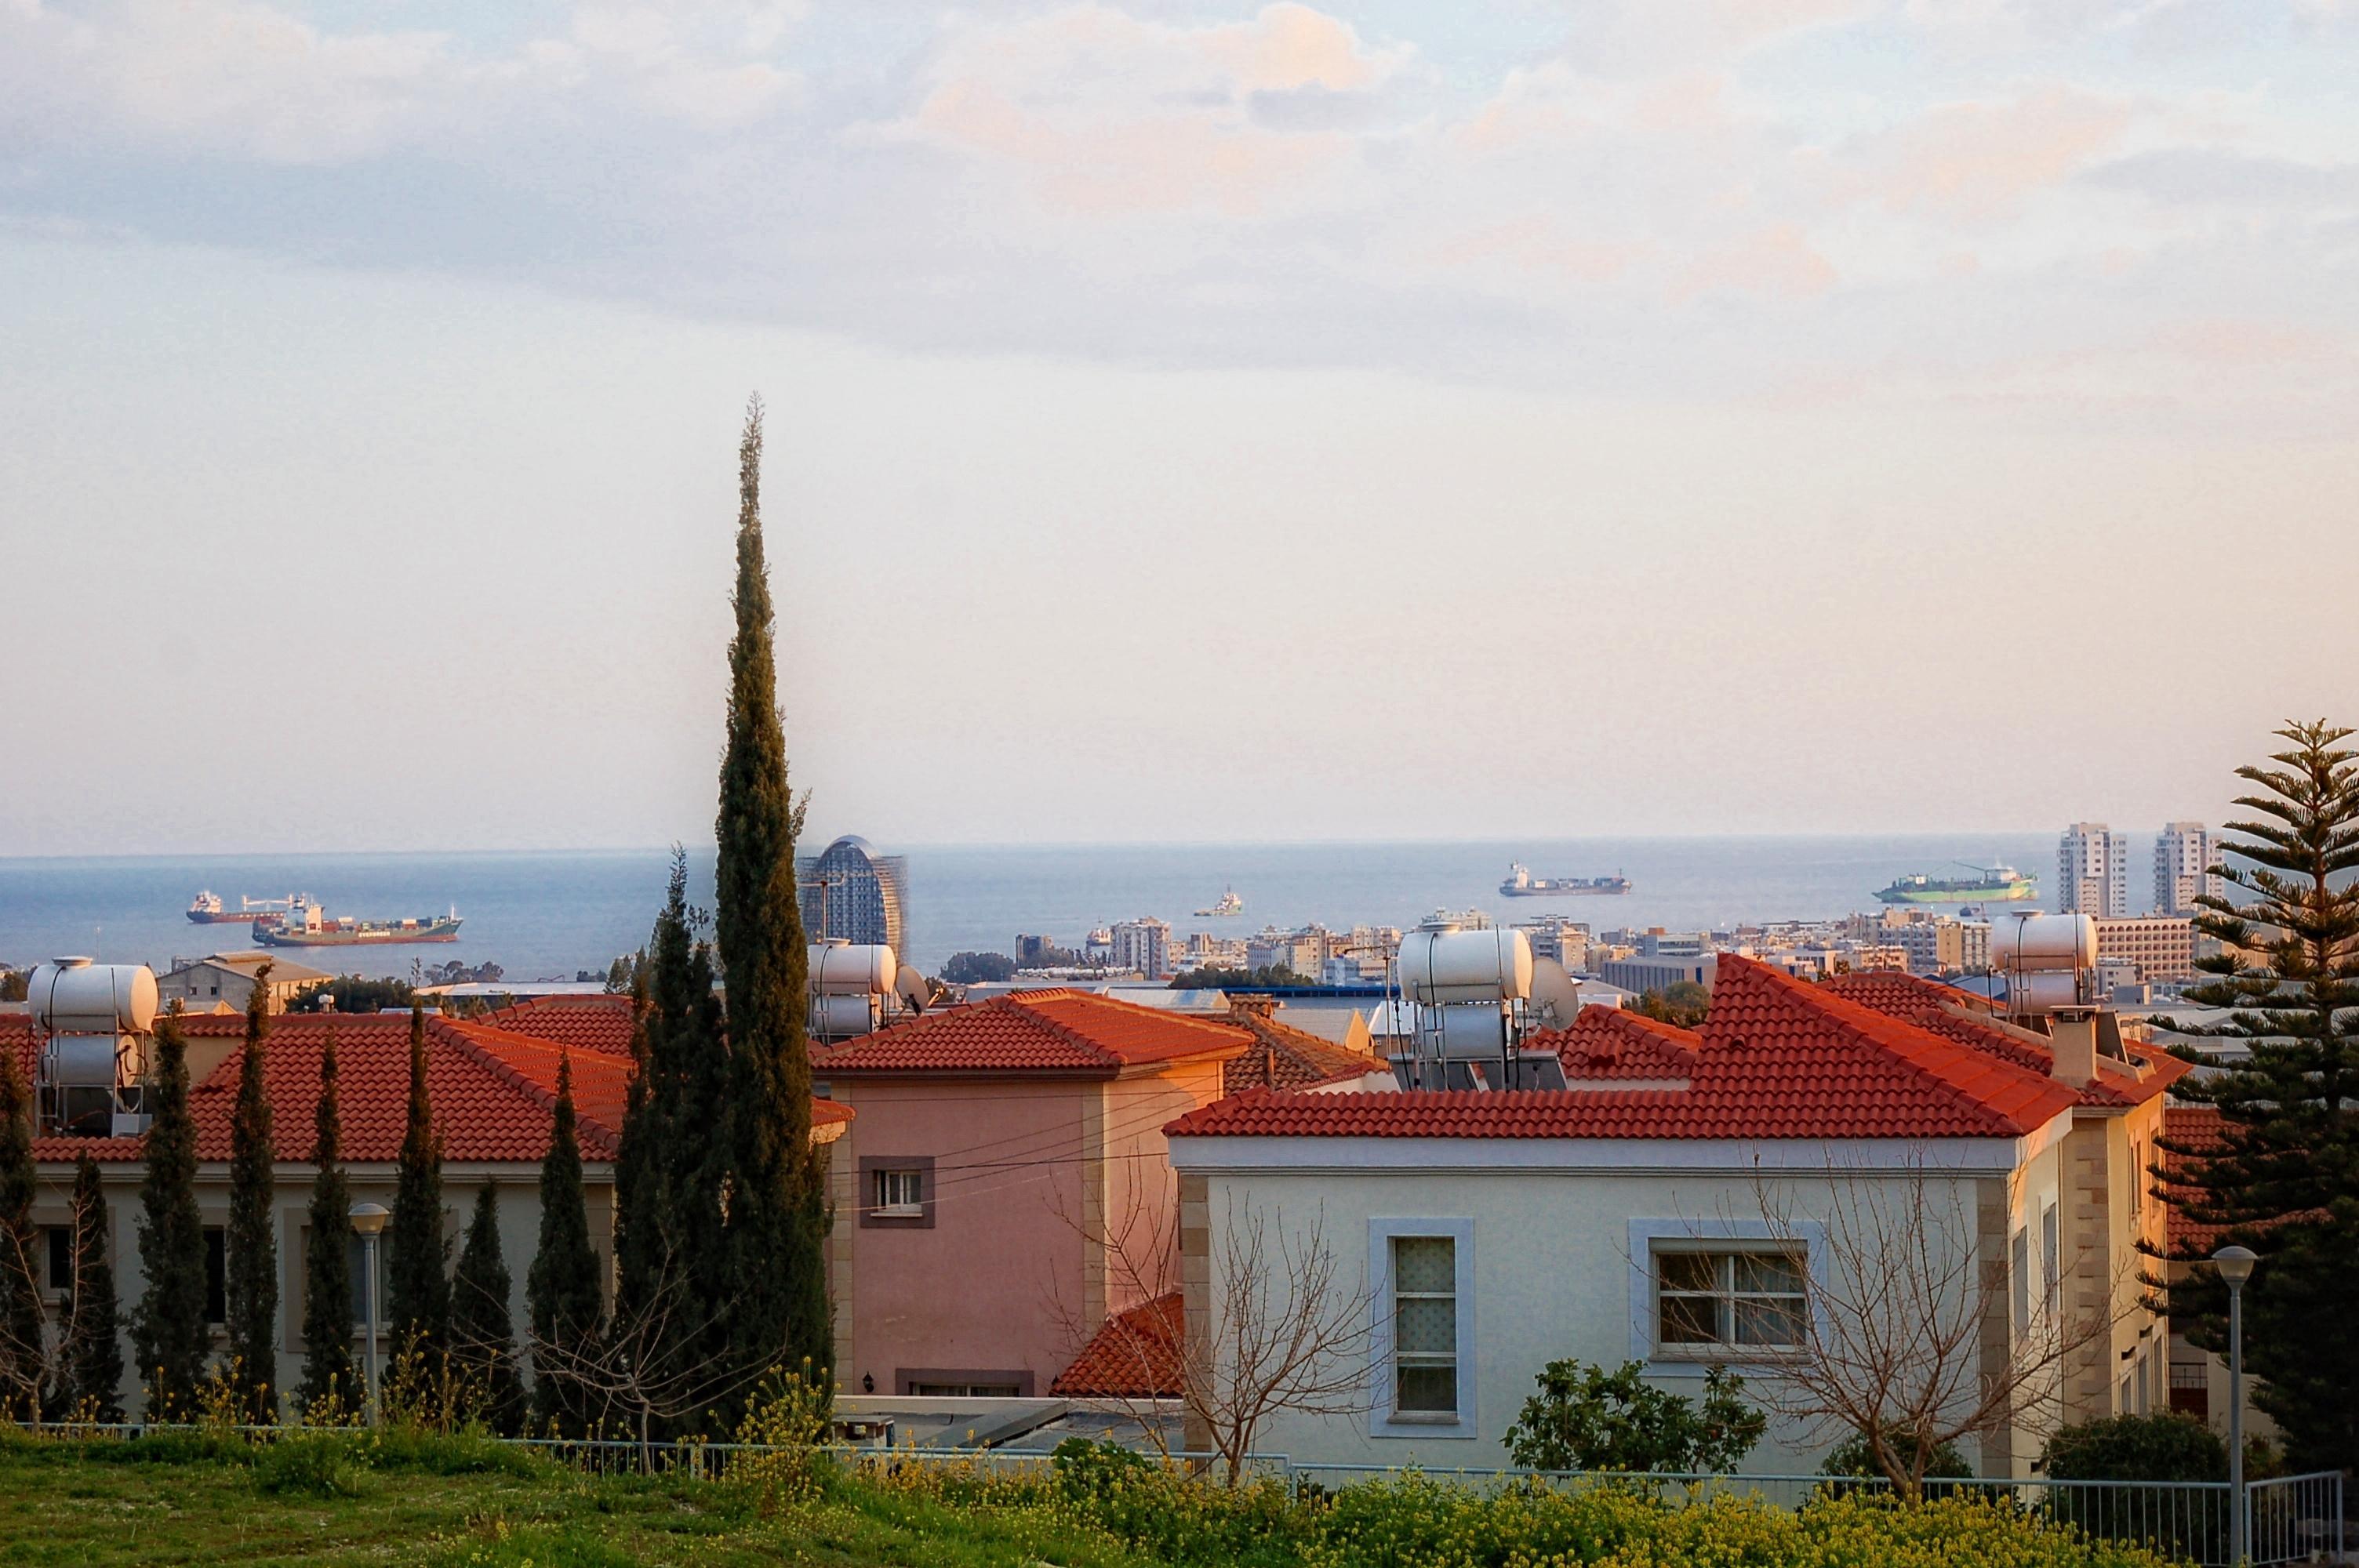 Καταπληκτικό οικόπεδο με θέα στη θάλασσα στον Άγιο Αθανάσιο